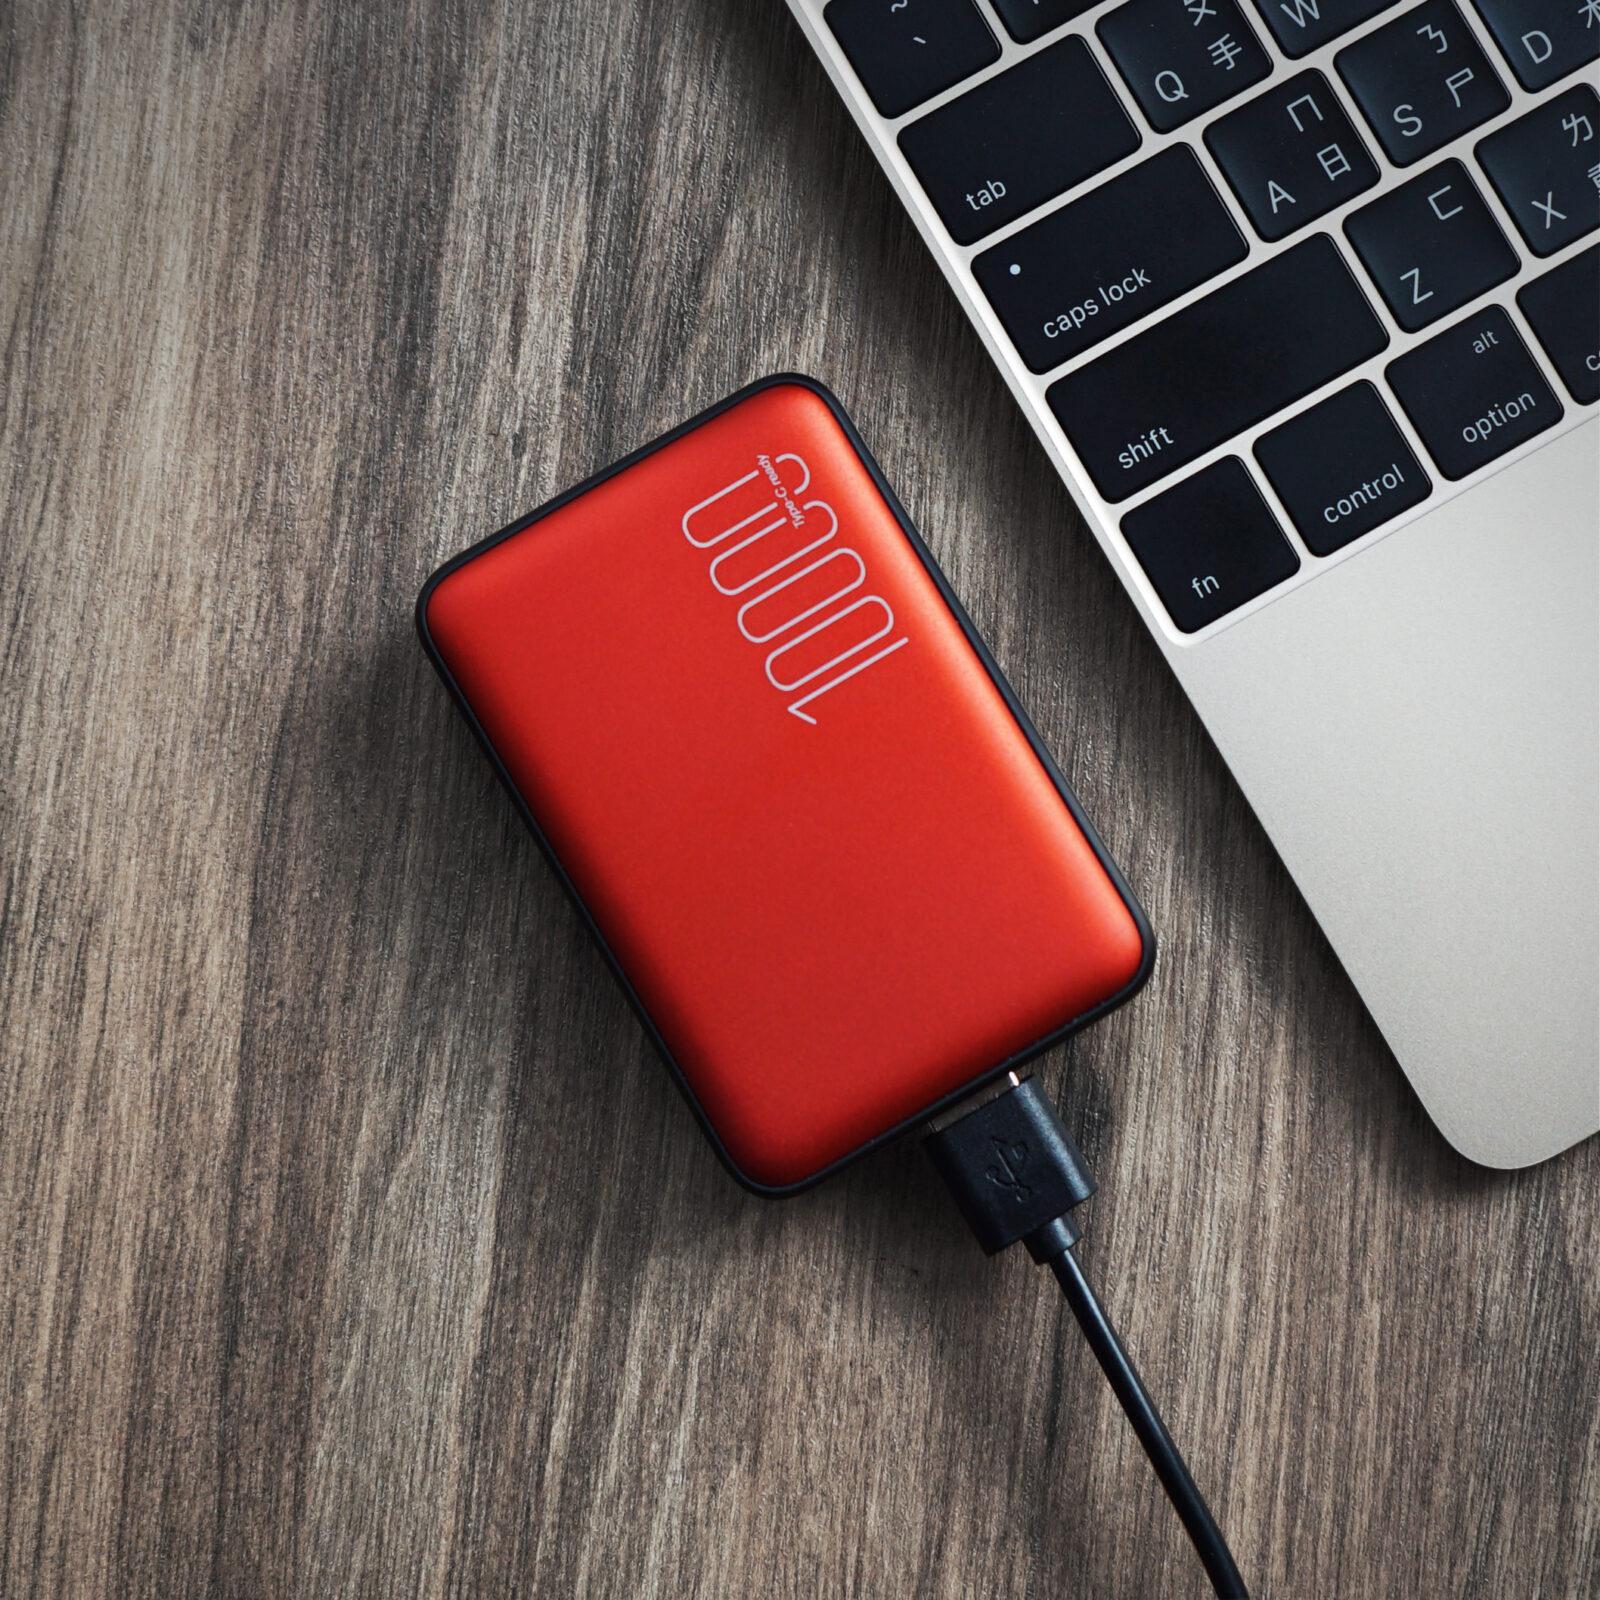 Silicon Power представила миниатюрный внешний аккумулятор